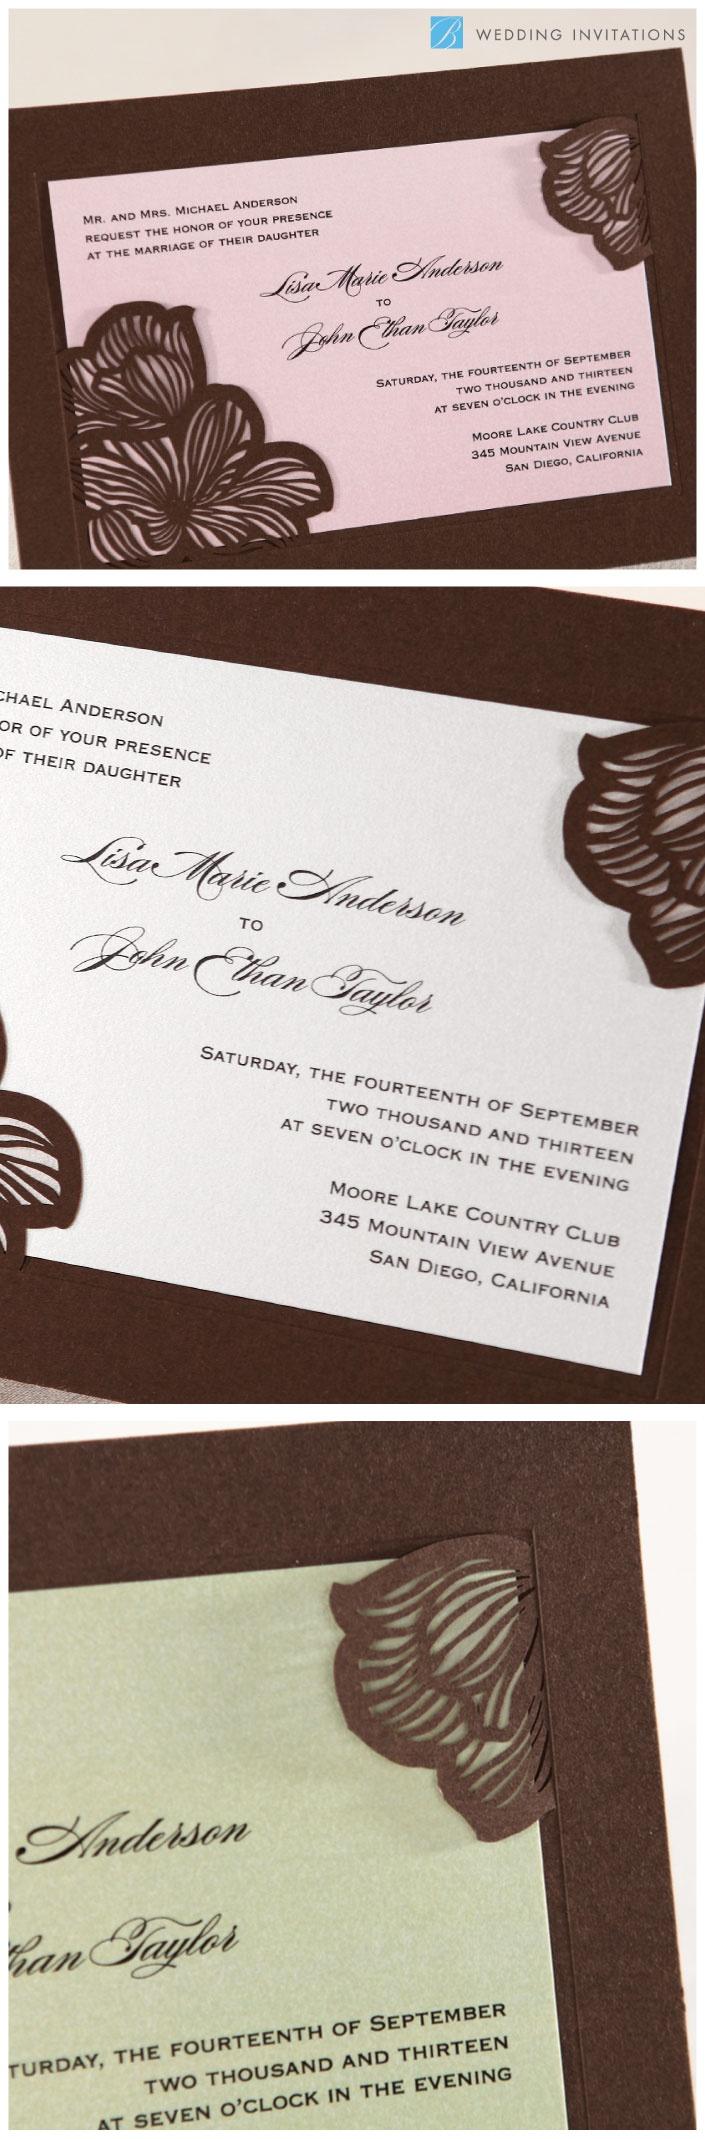 Laser Cut Flower Frame By B Wedding Invitations #weddinginvitations  #bweddinginvitations #wedding #invitations